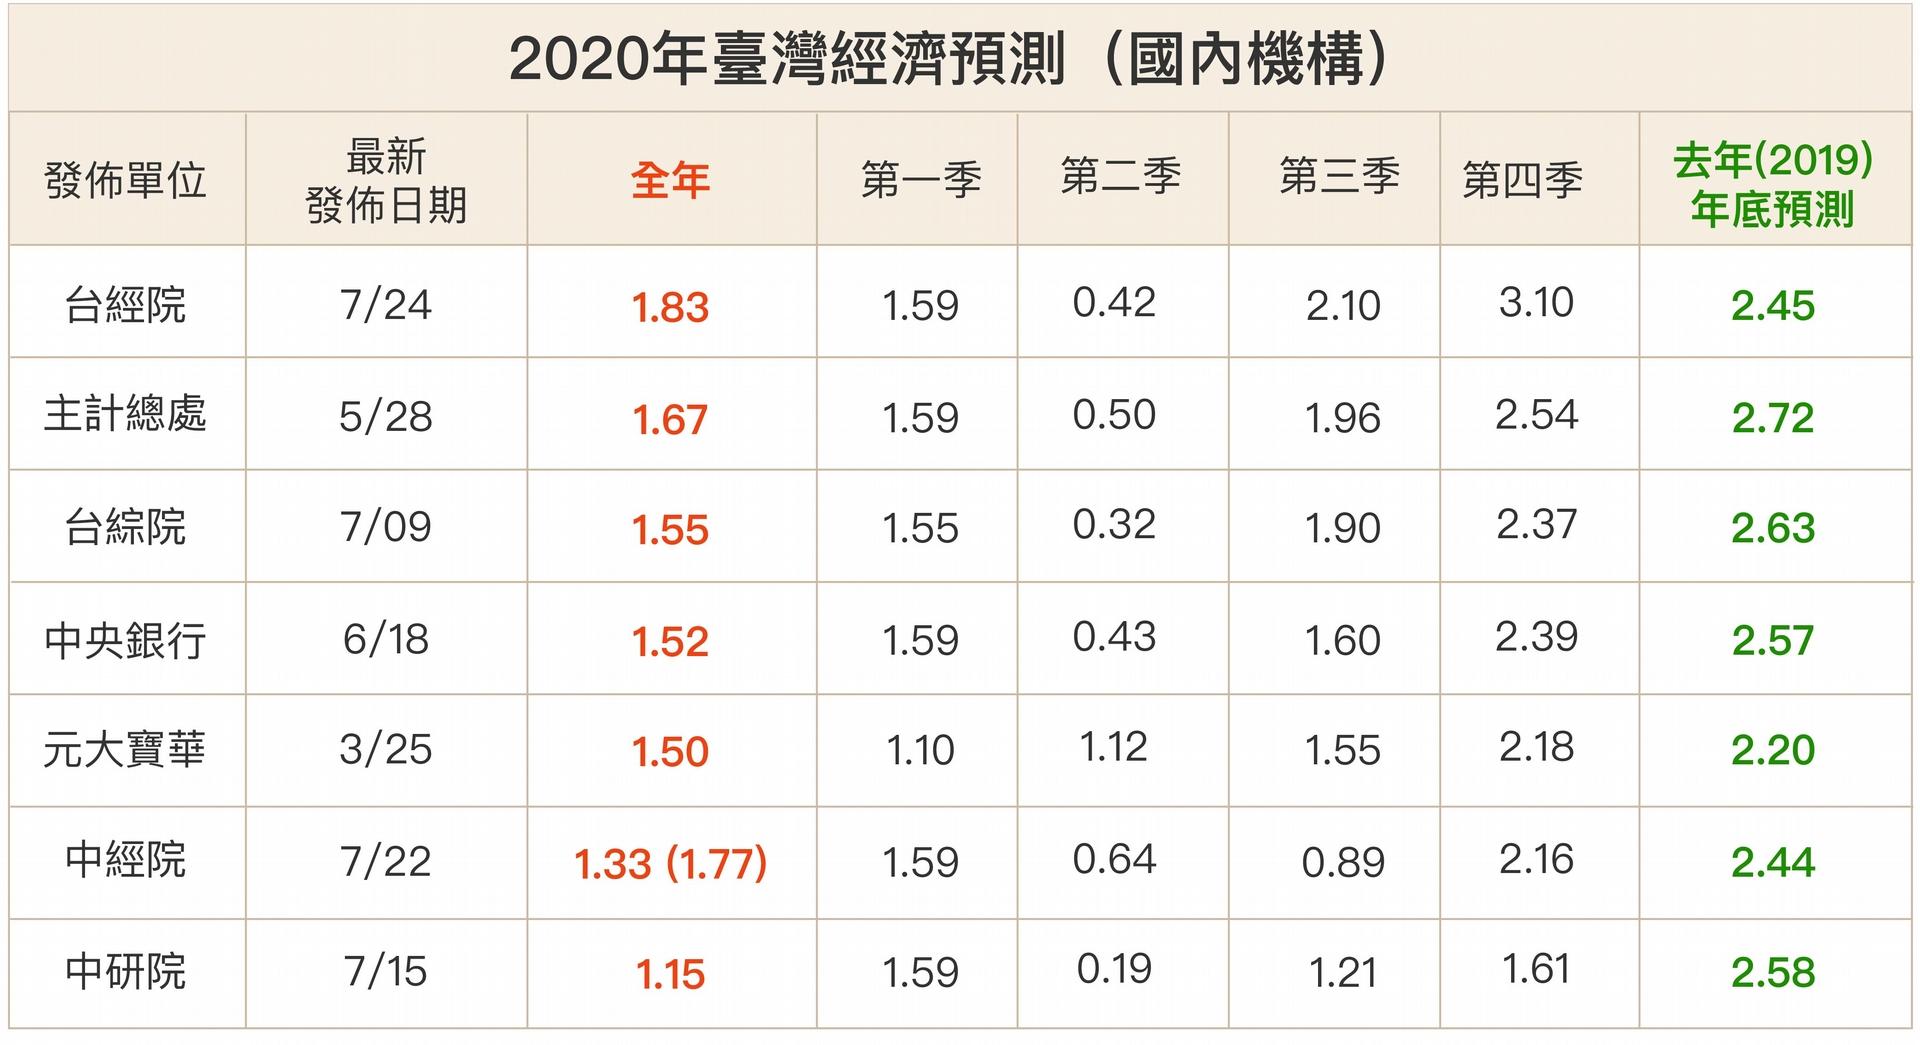 2020 年對臺灣的經濟預測非常分歧,國內預測都在 1% 以上;外國數據幾乎都不到 1%,最差是 -4%,原因可能是資訊不對稱,外國預測單位對臺商回流、振興政策等影響效果的掌握較不足。 圖│研之有物(資料來源:周雨田提供)